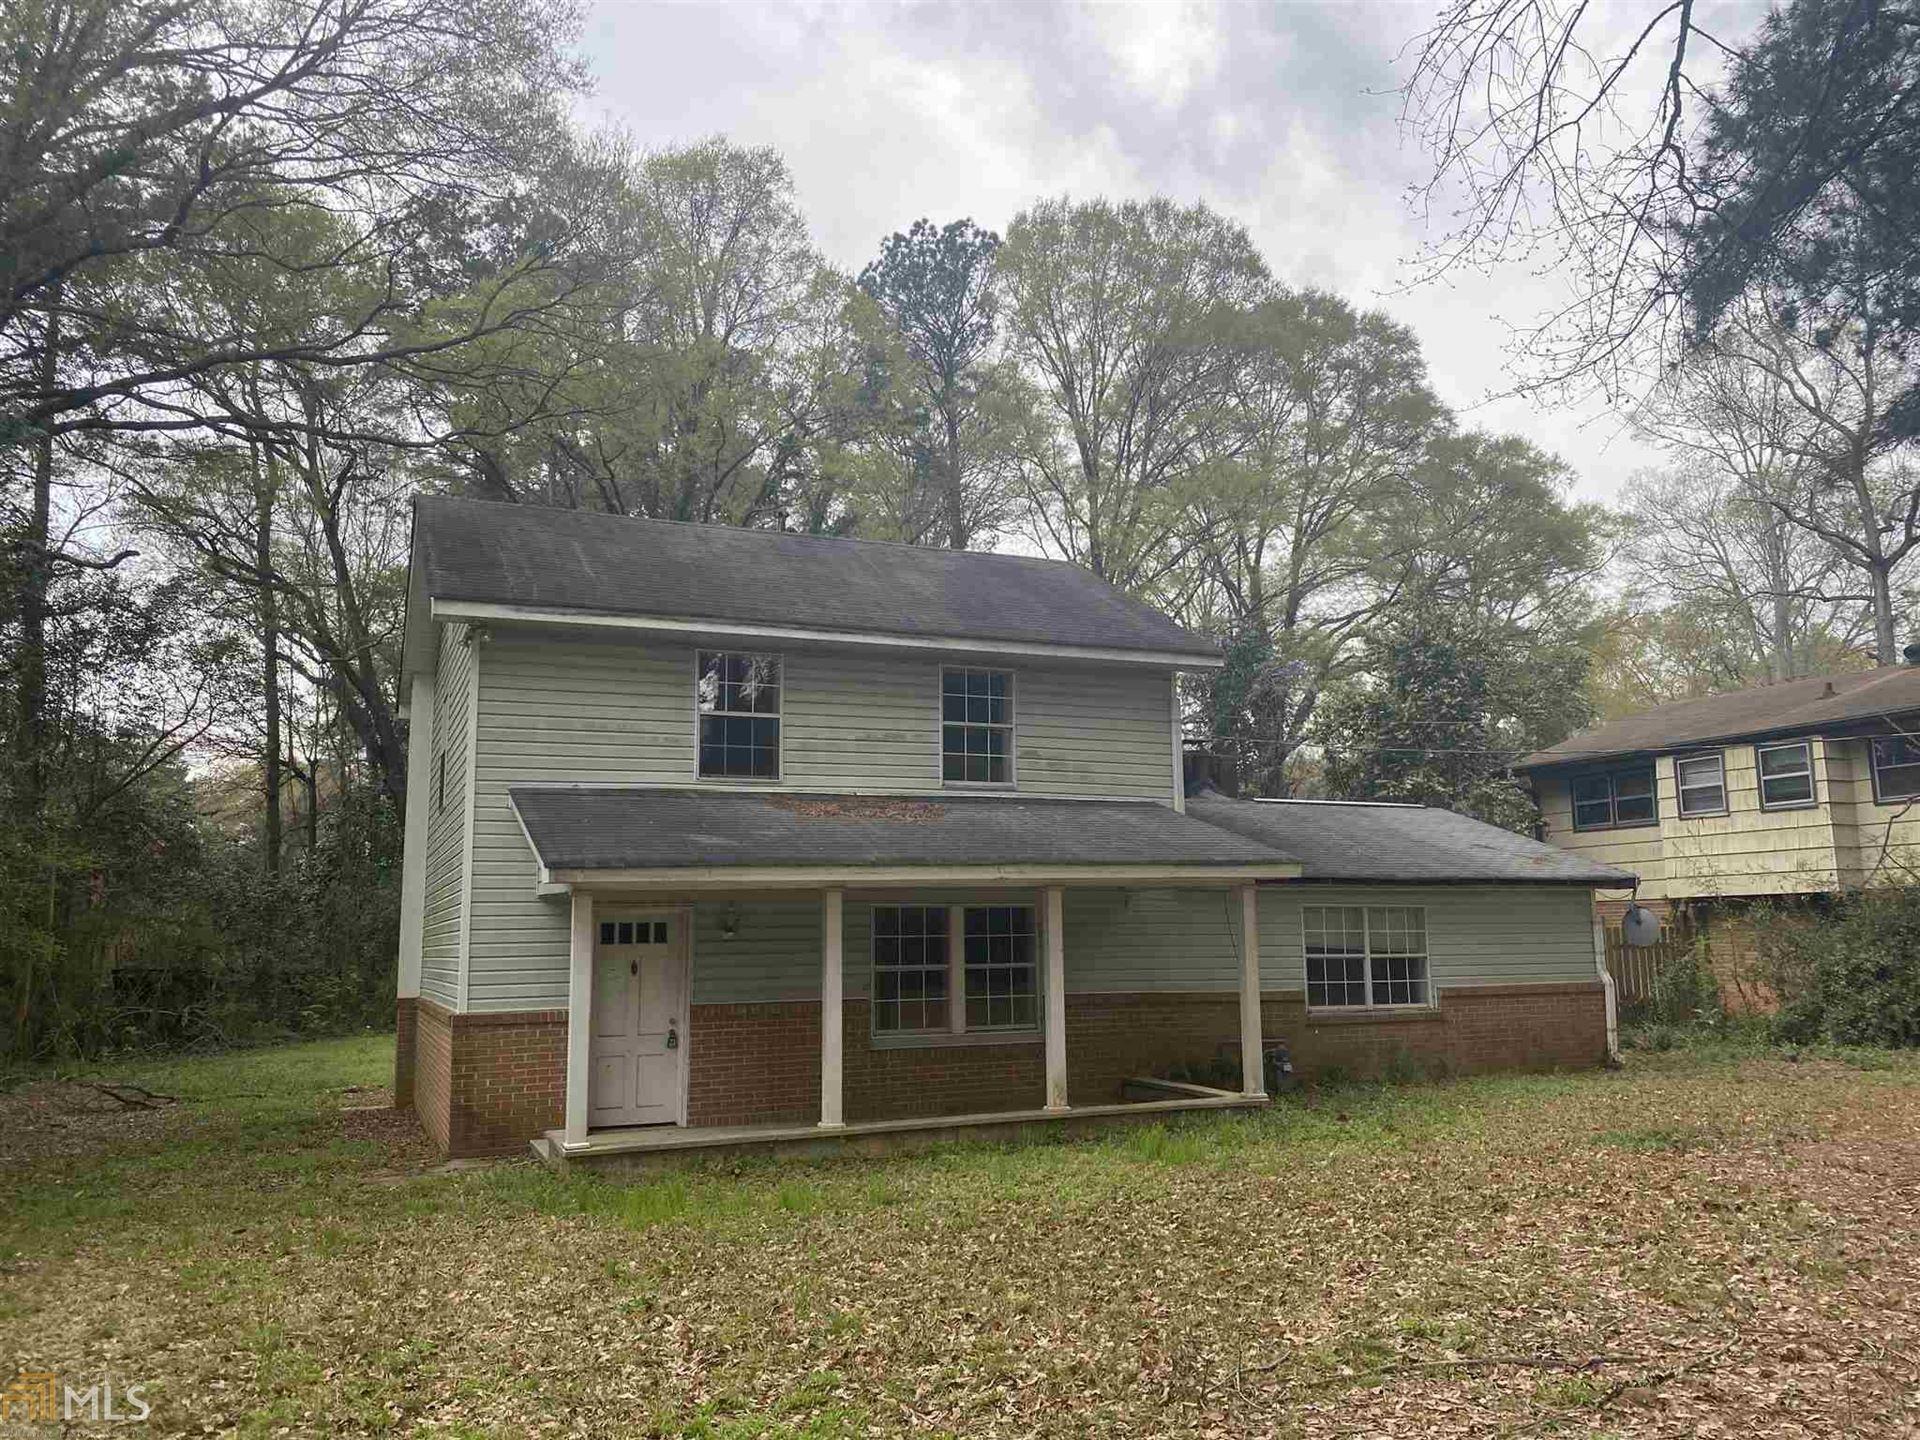 187 Dean St, Jonesboro, GA 30236 - #: 8950019